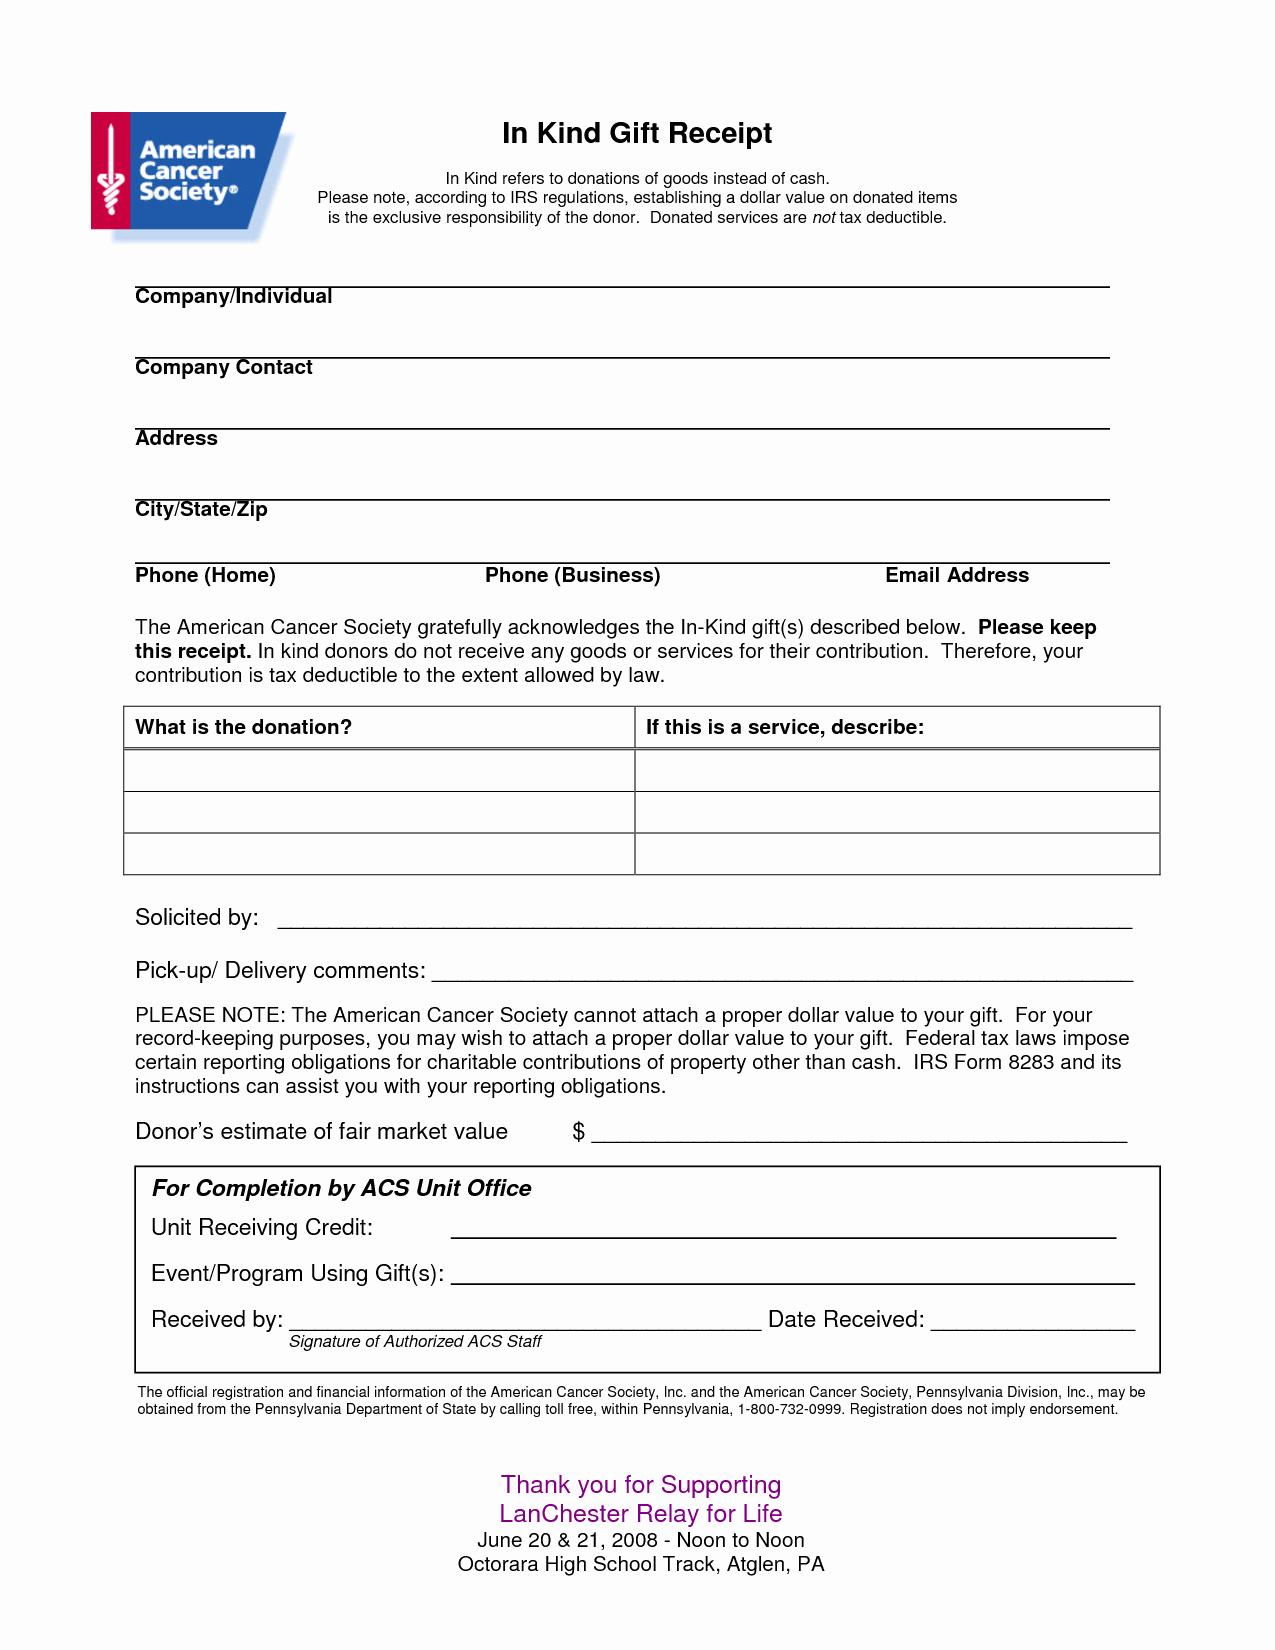 Non Profit Receipt Of Cash Donation Letter Template